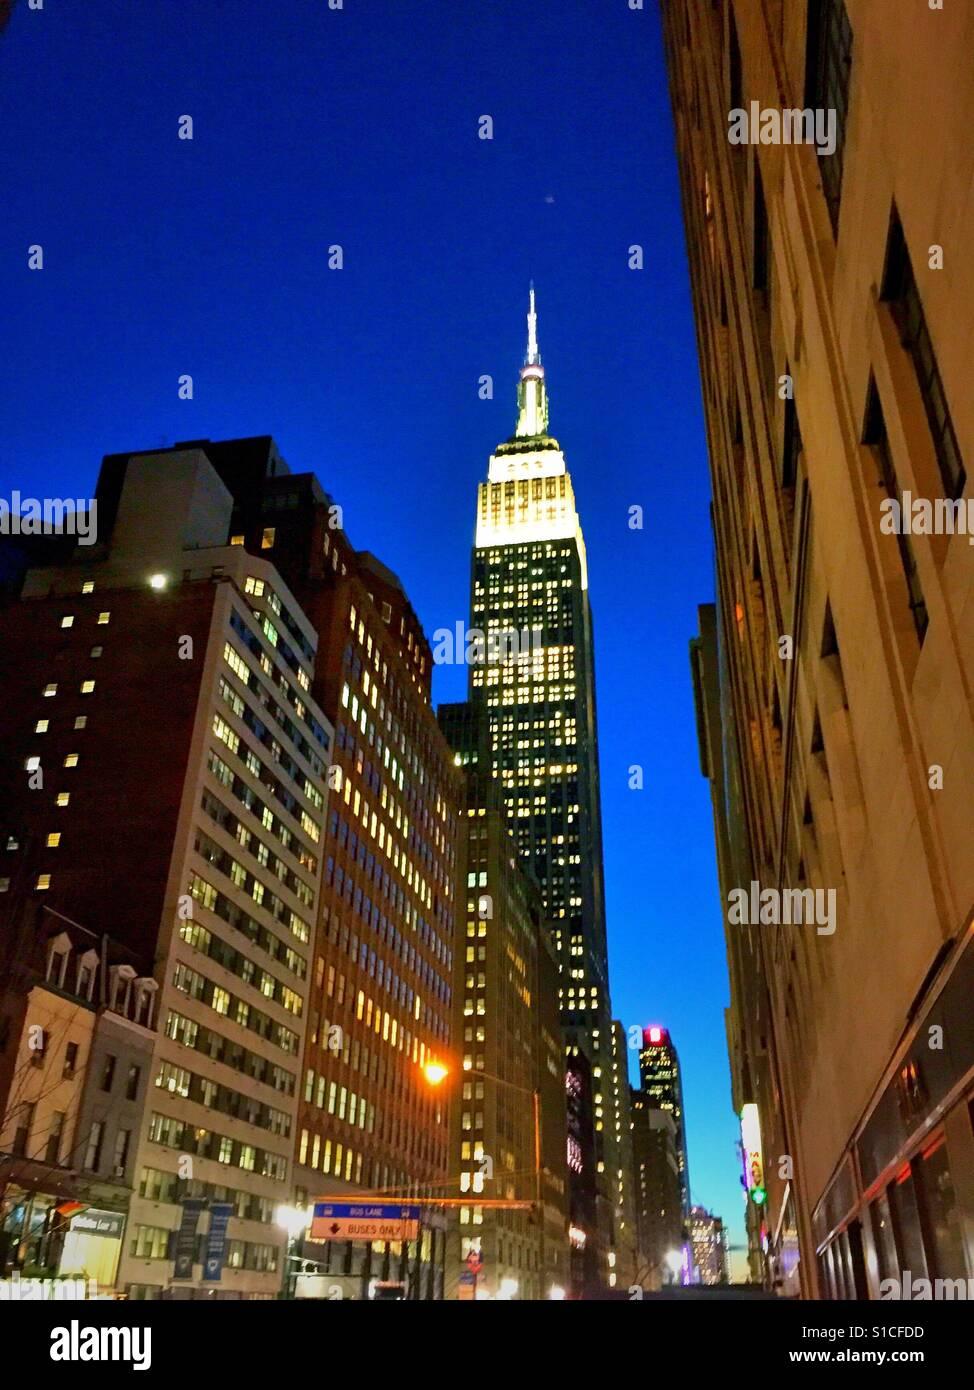 L'Empire State building éclairé en lumière blanche au crépuscule, NYC, USA Photo Stock